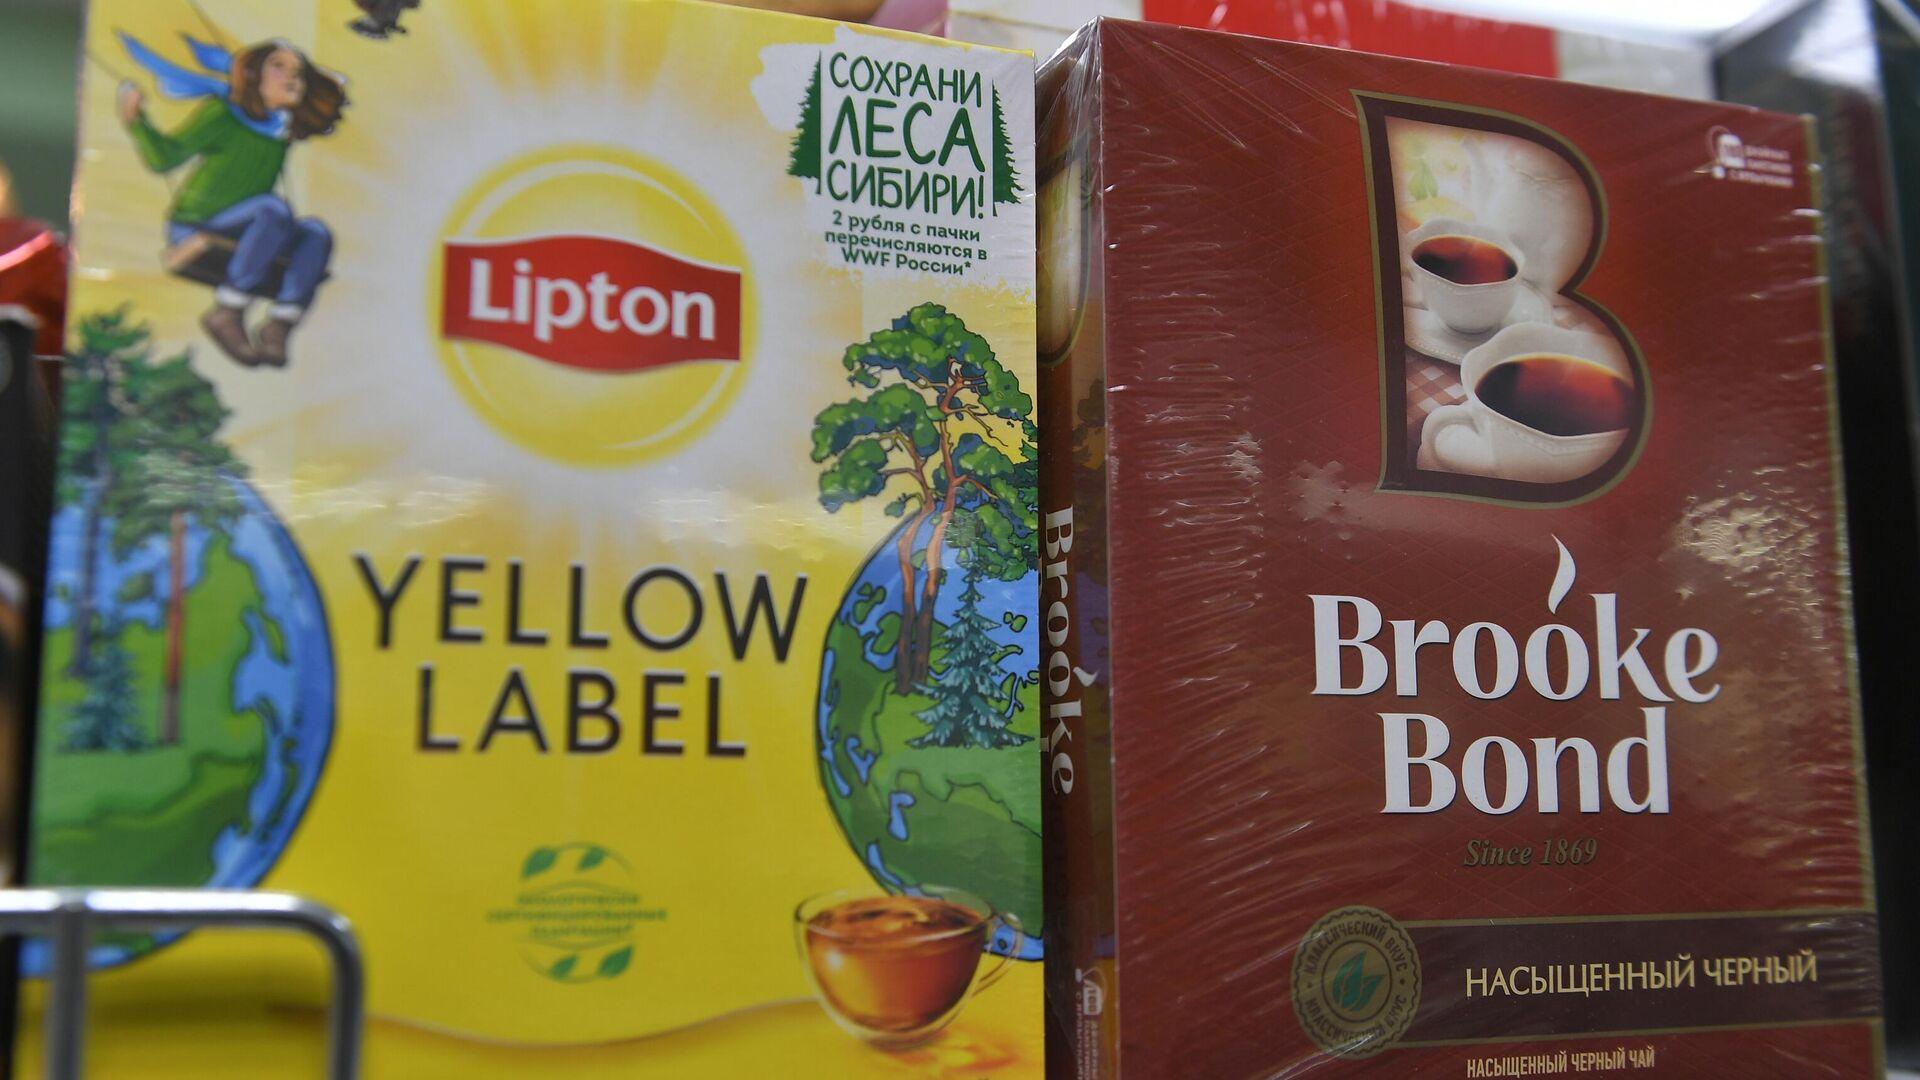 Пачки с чаем в пакетиках Lipton и Brooke Bond - РИА Новости, 1920, 02.06.2021